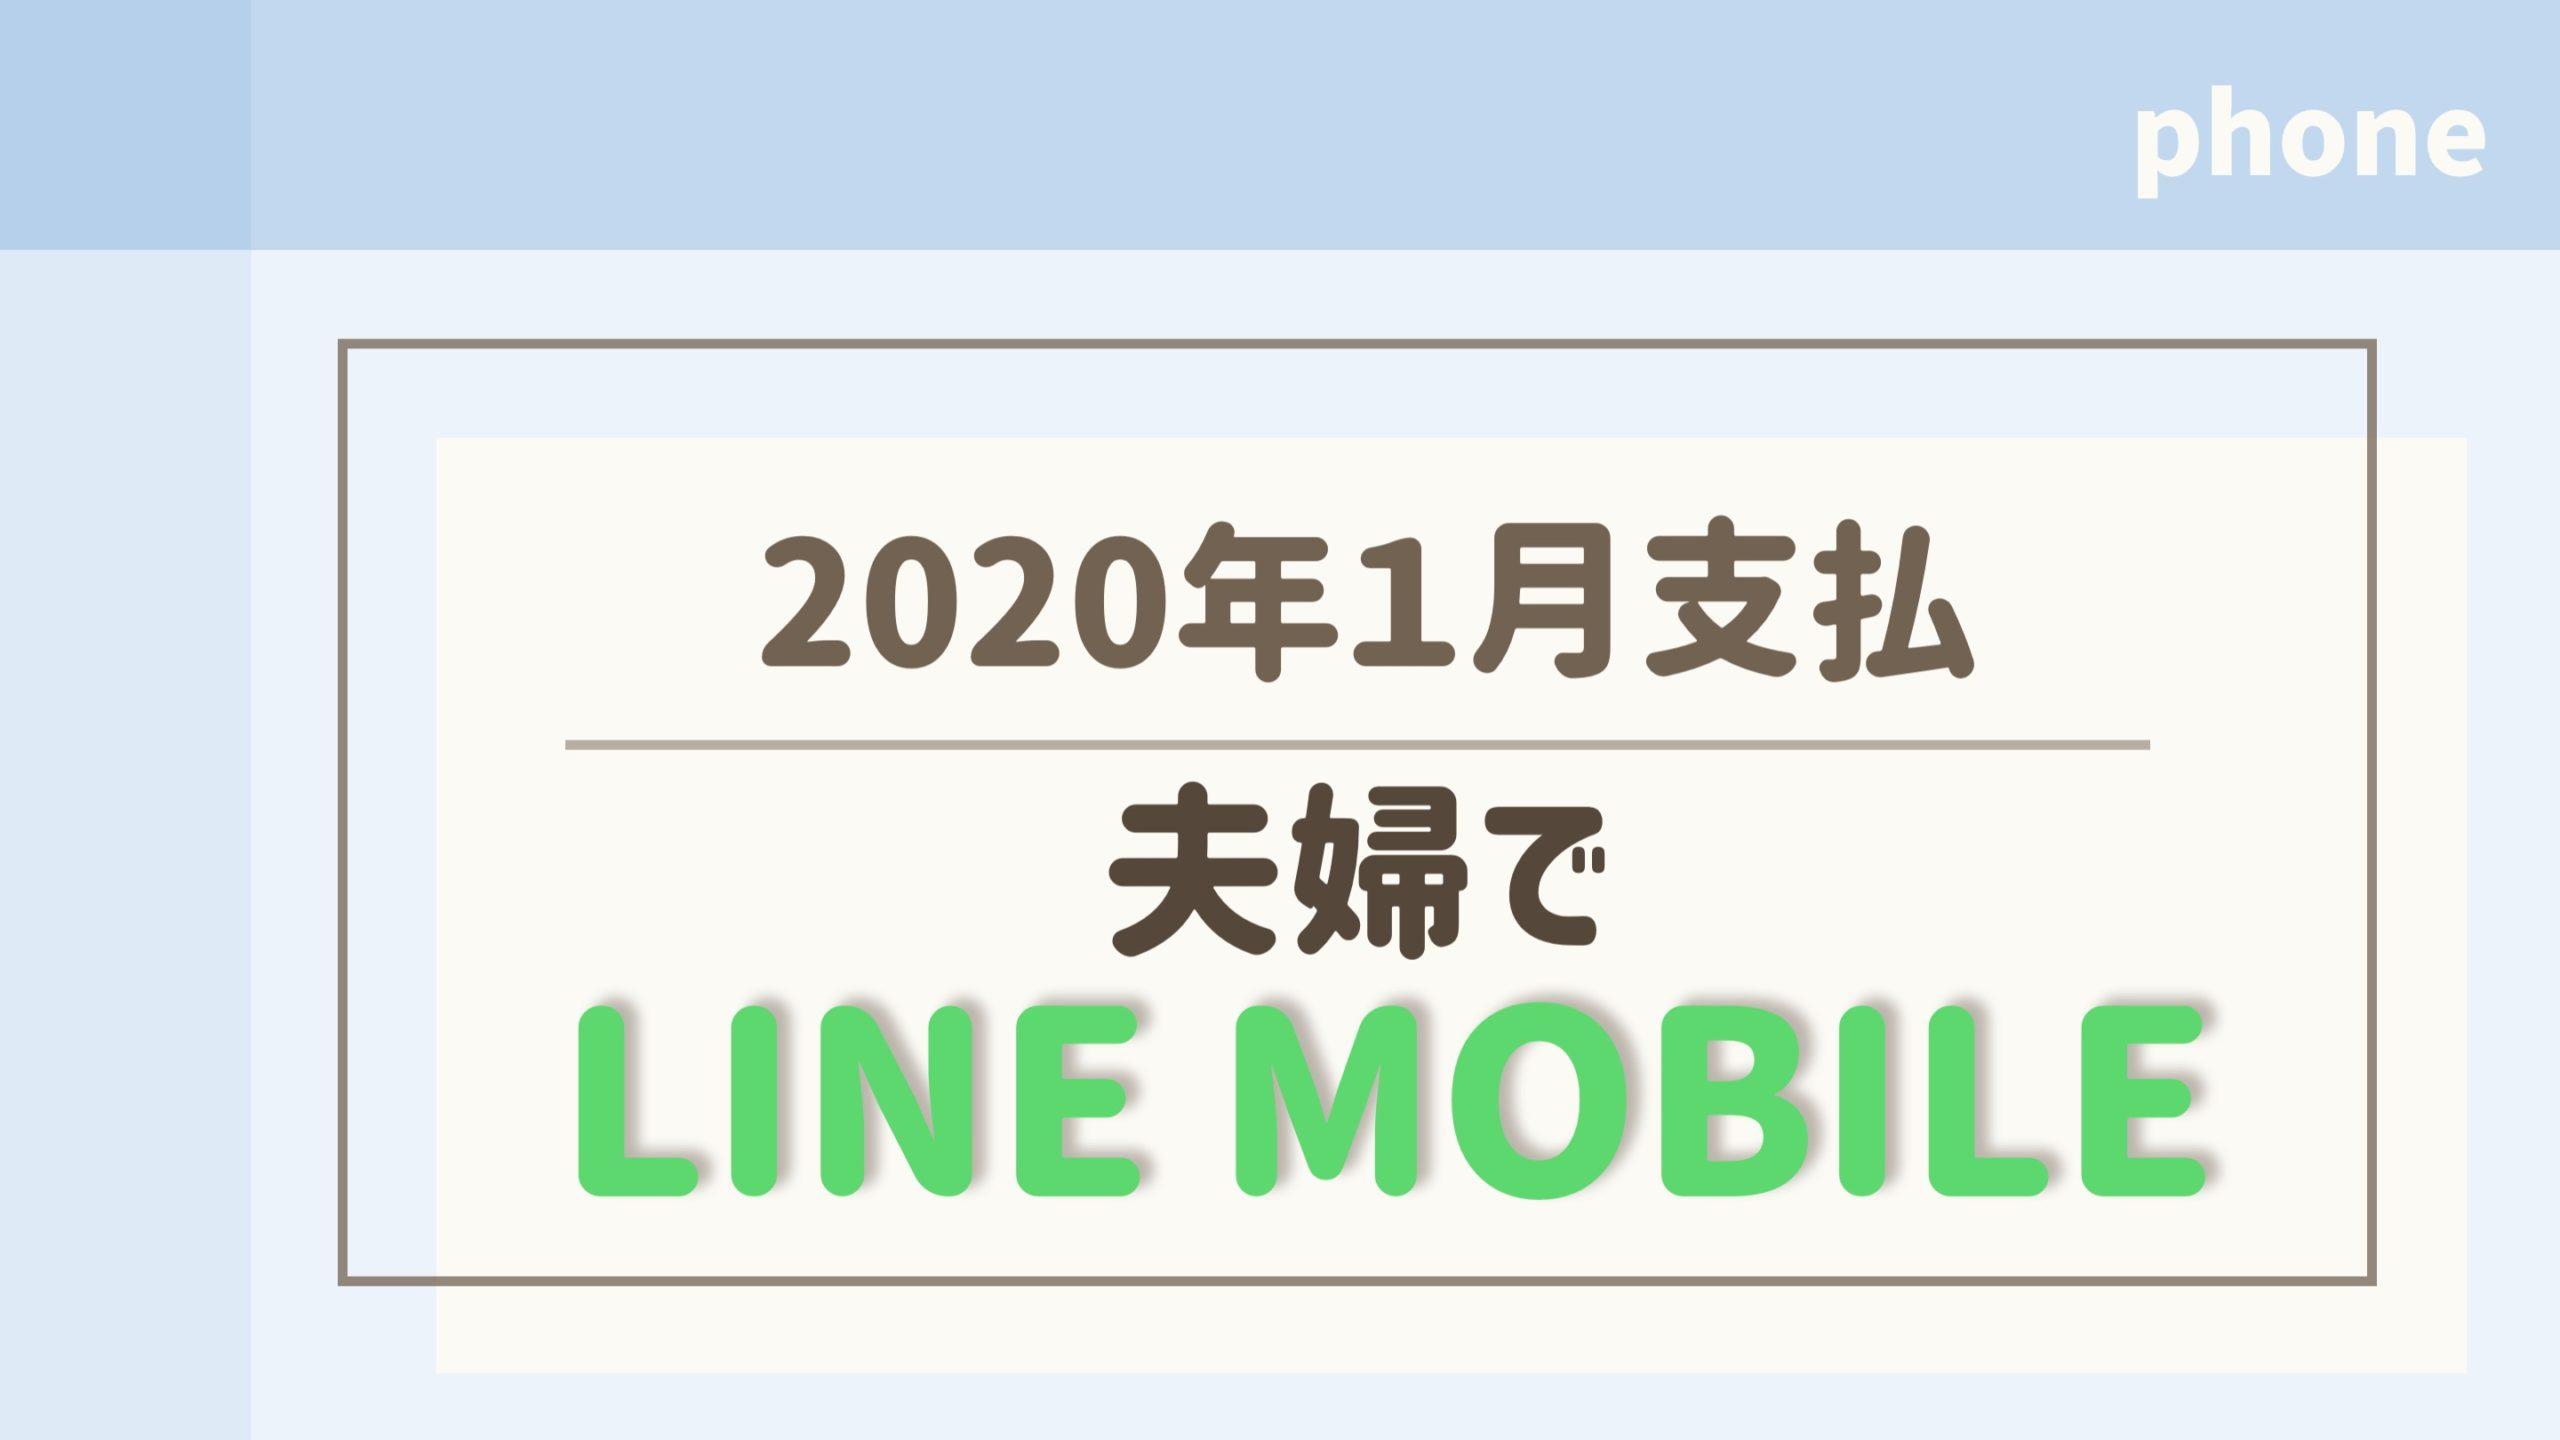 ラインモバイル LINEMOBILE 格安スマホ 携帯料金 通信費 夫婦家計